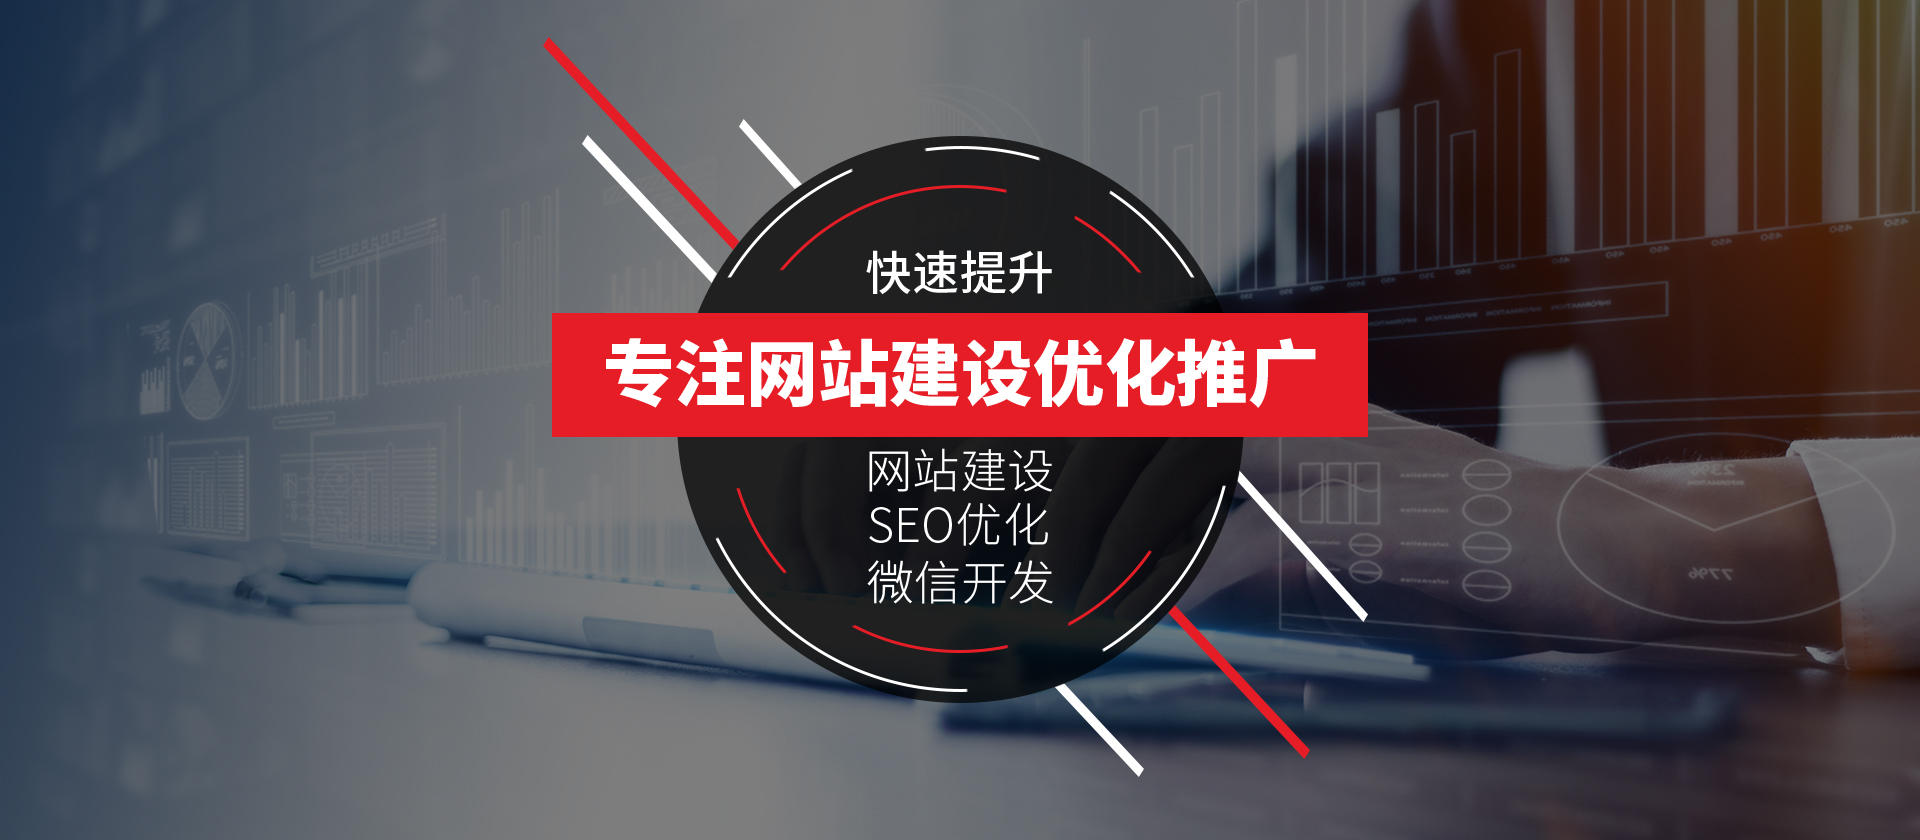 台州网站建设公司